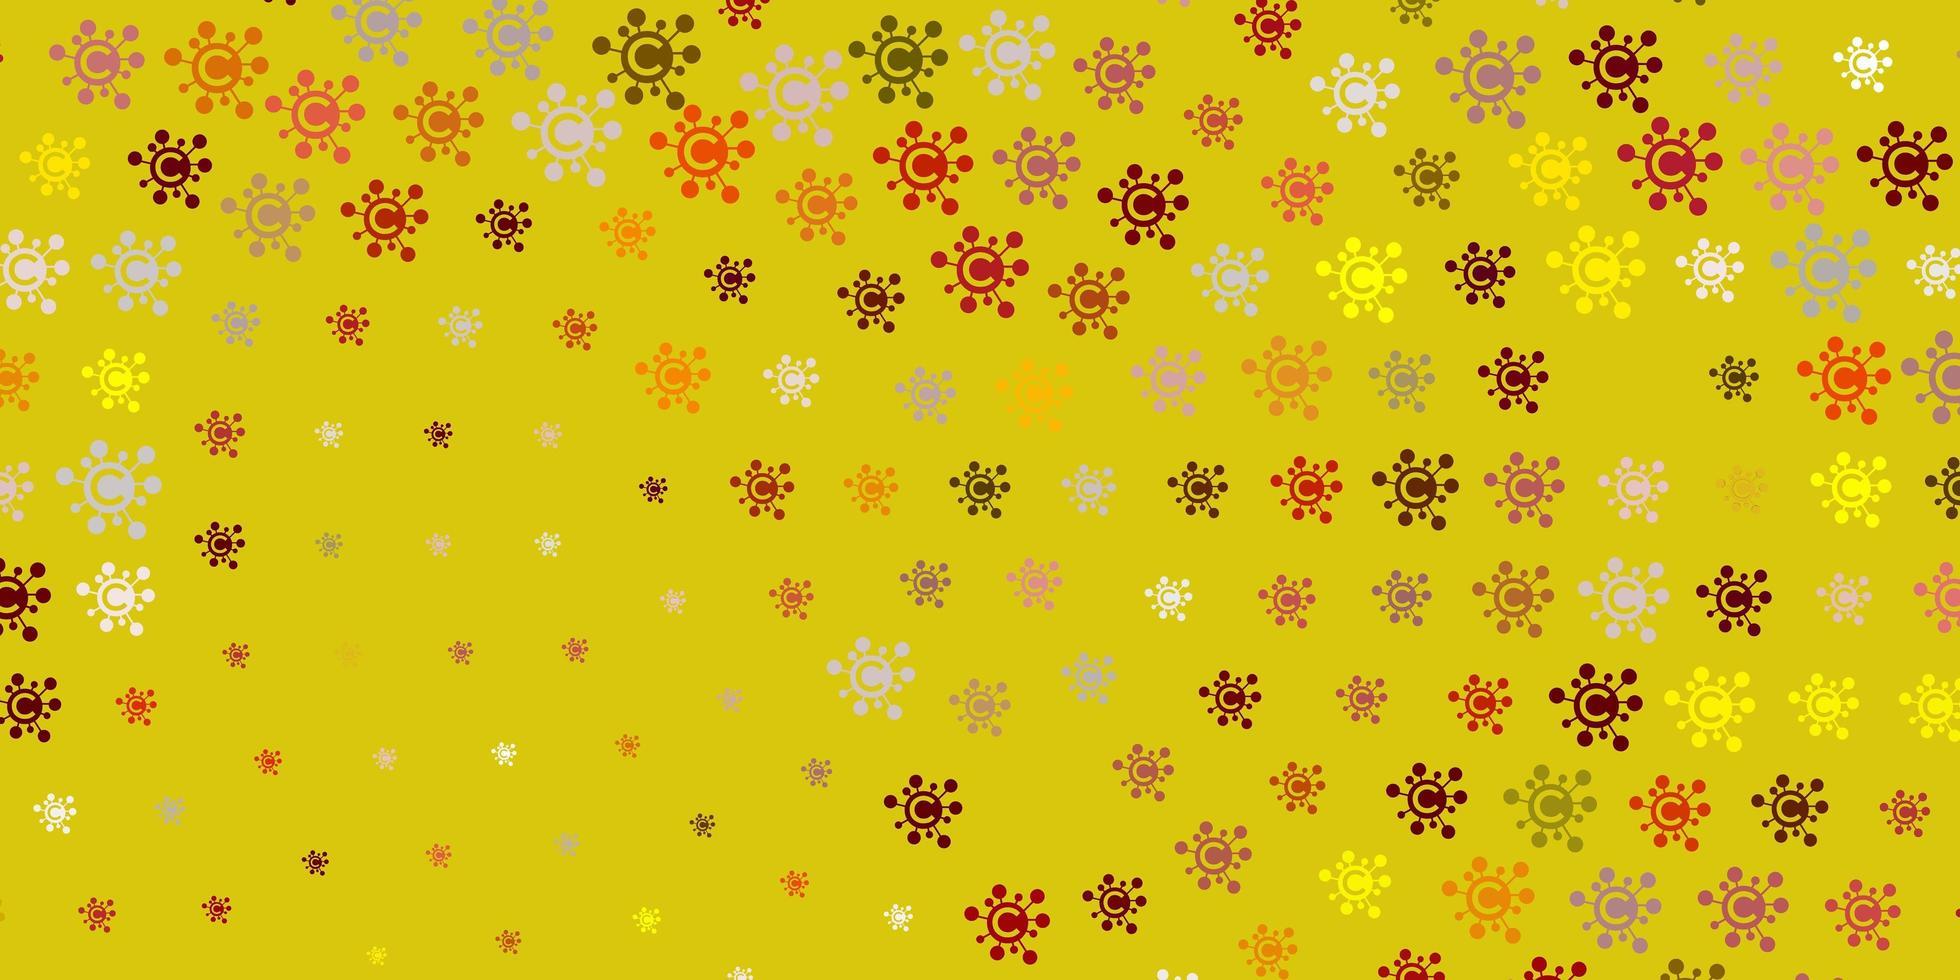 lichtrode, gele textuur met ziektesymbolen. vector